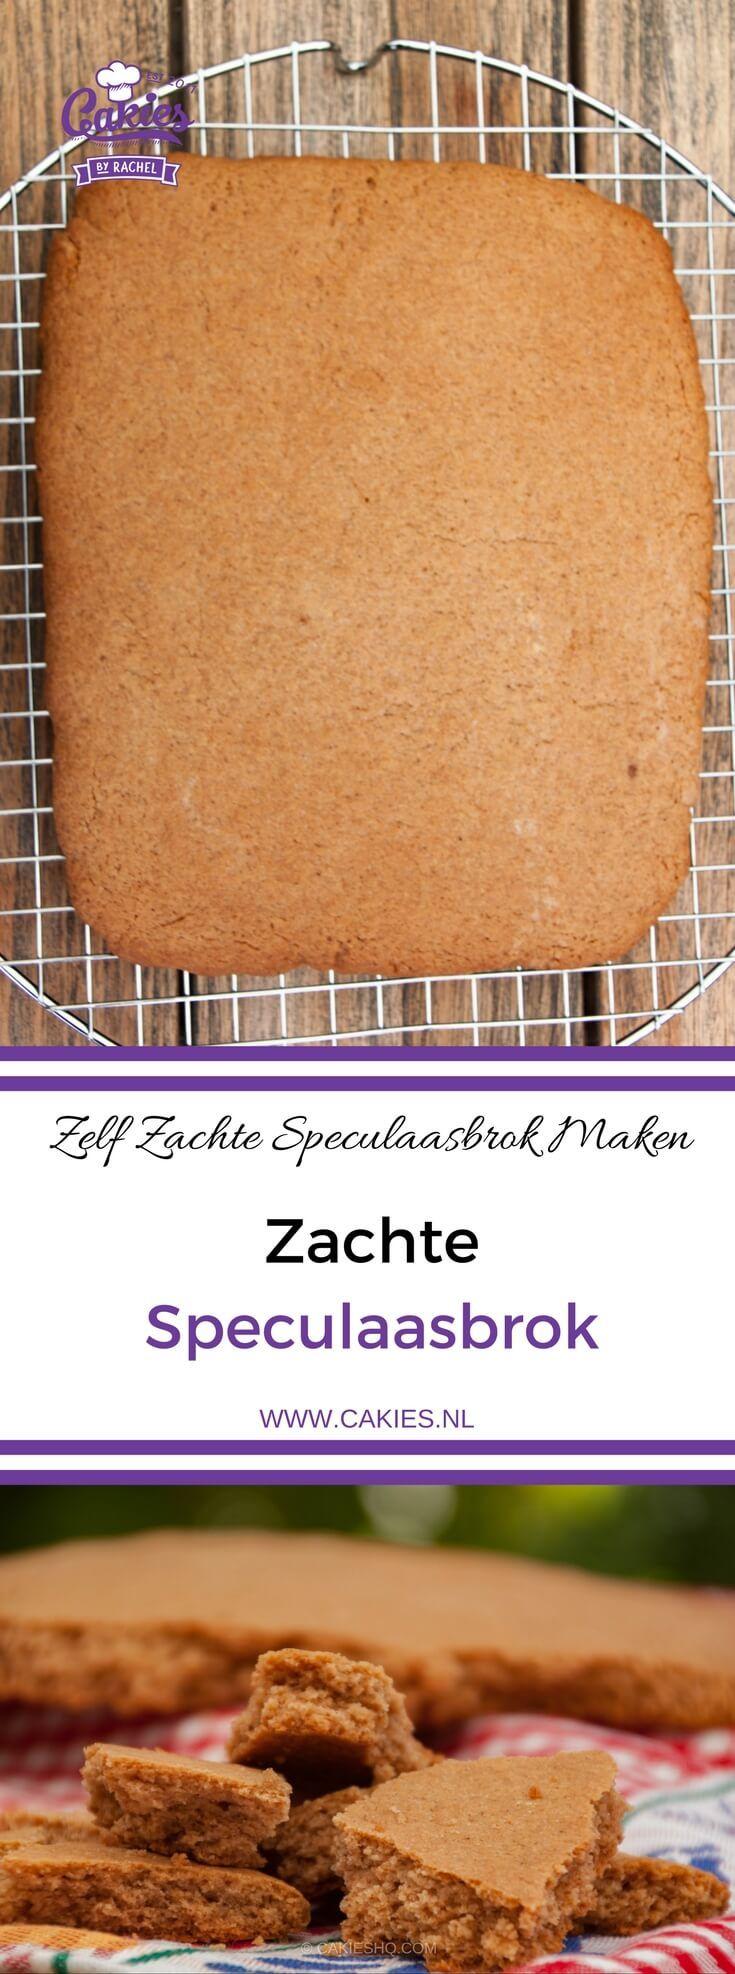 Zachte Speculaasbrok is knapperig van buiten en zacht van binnen. Een heerlijke Nederlandse streeklekkernij voor de herfst en de winter. #speculaas #recept #recepten